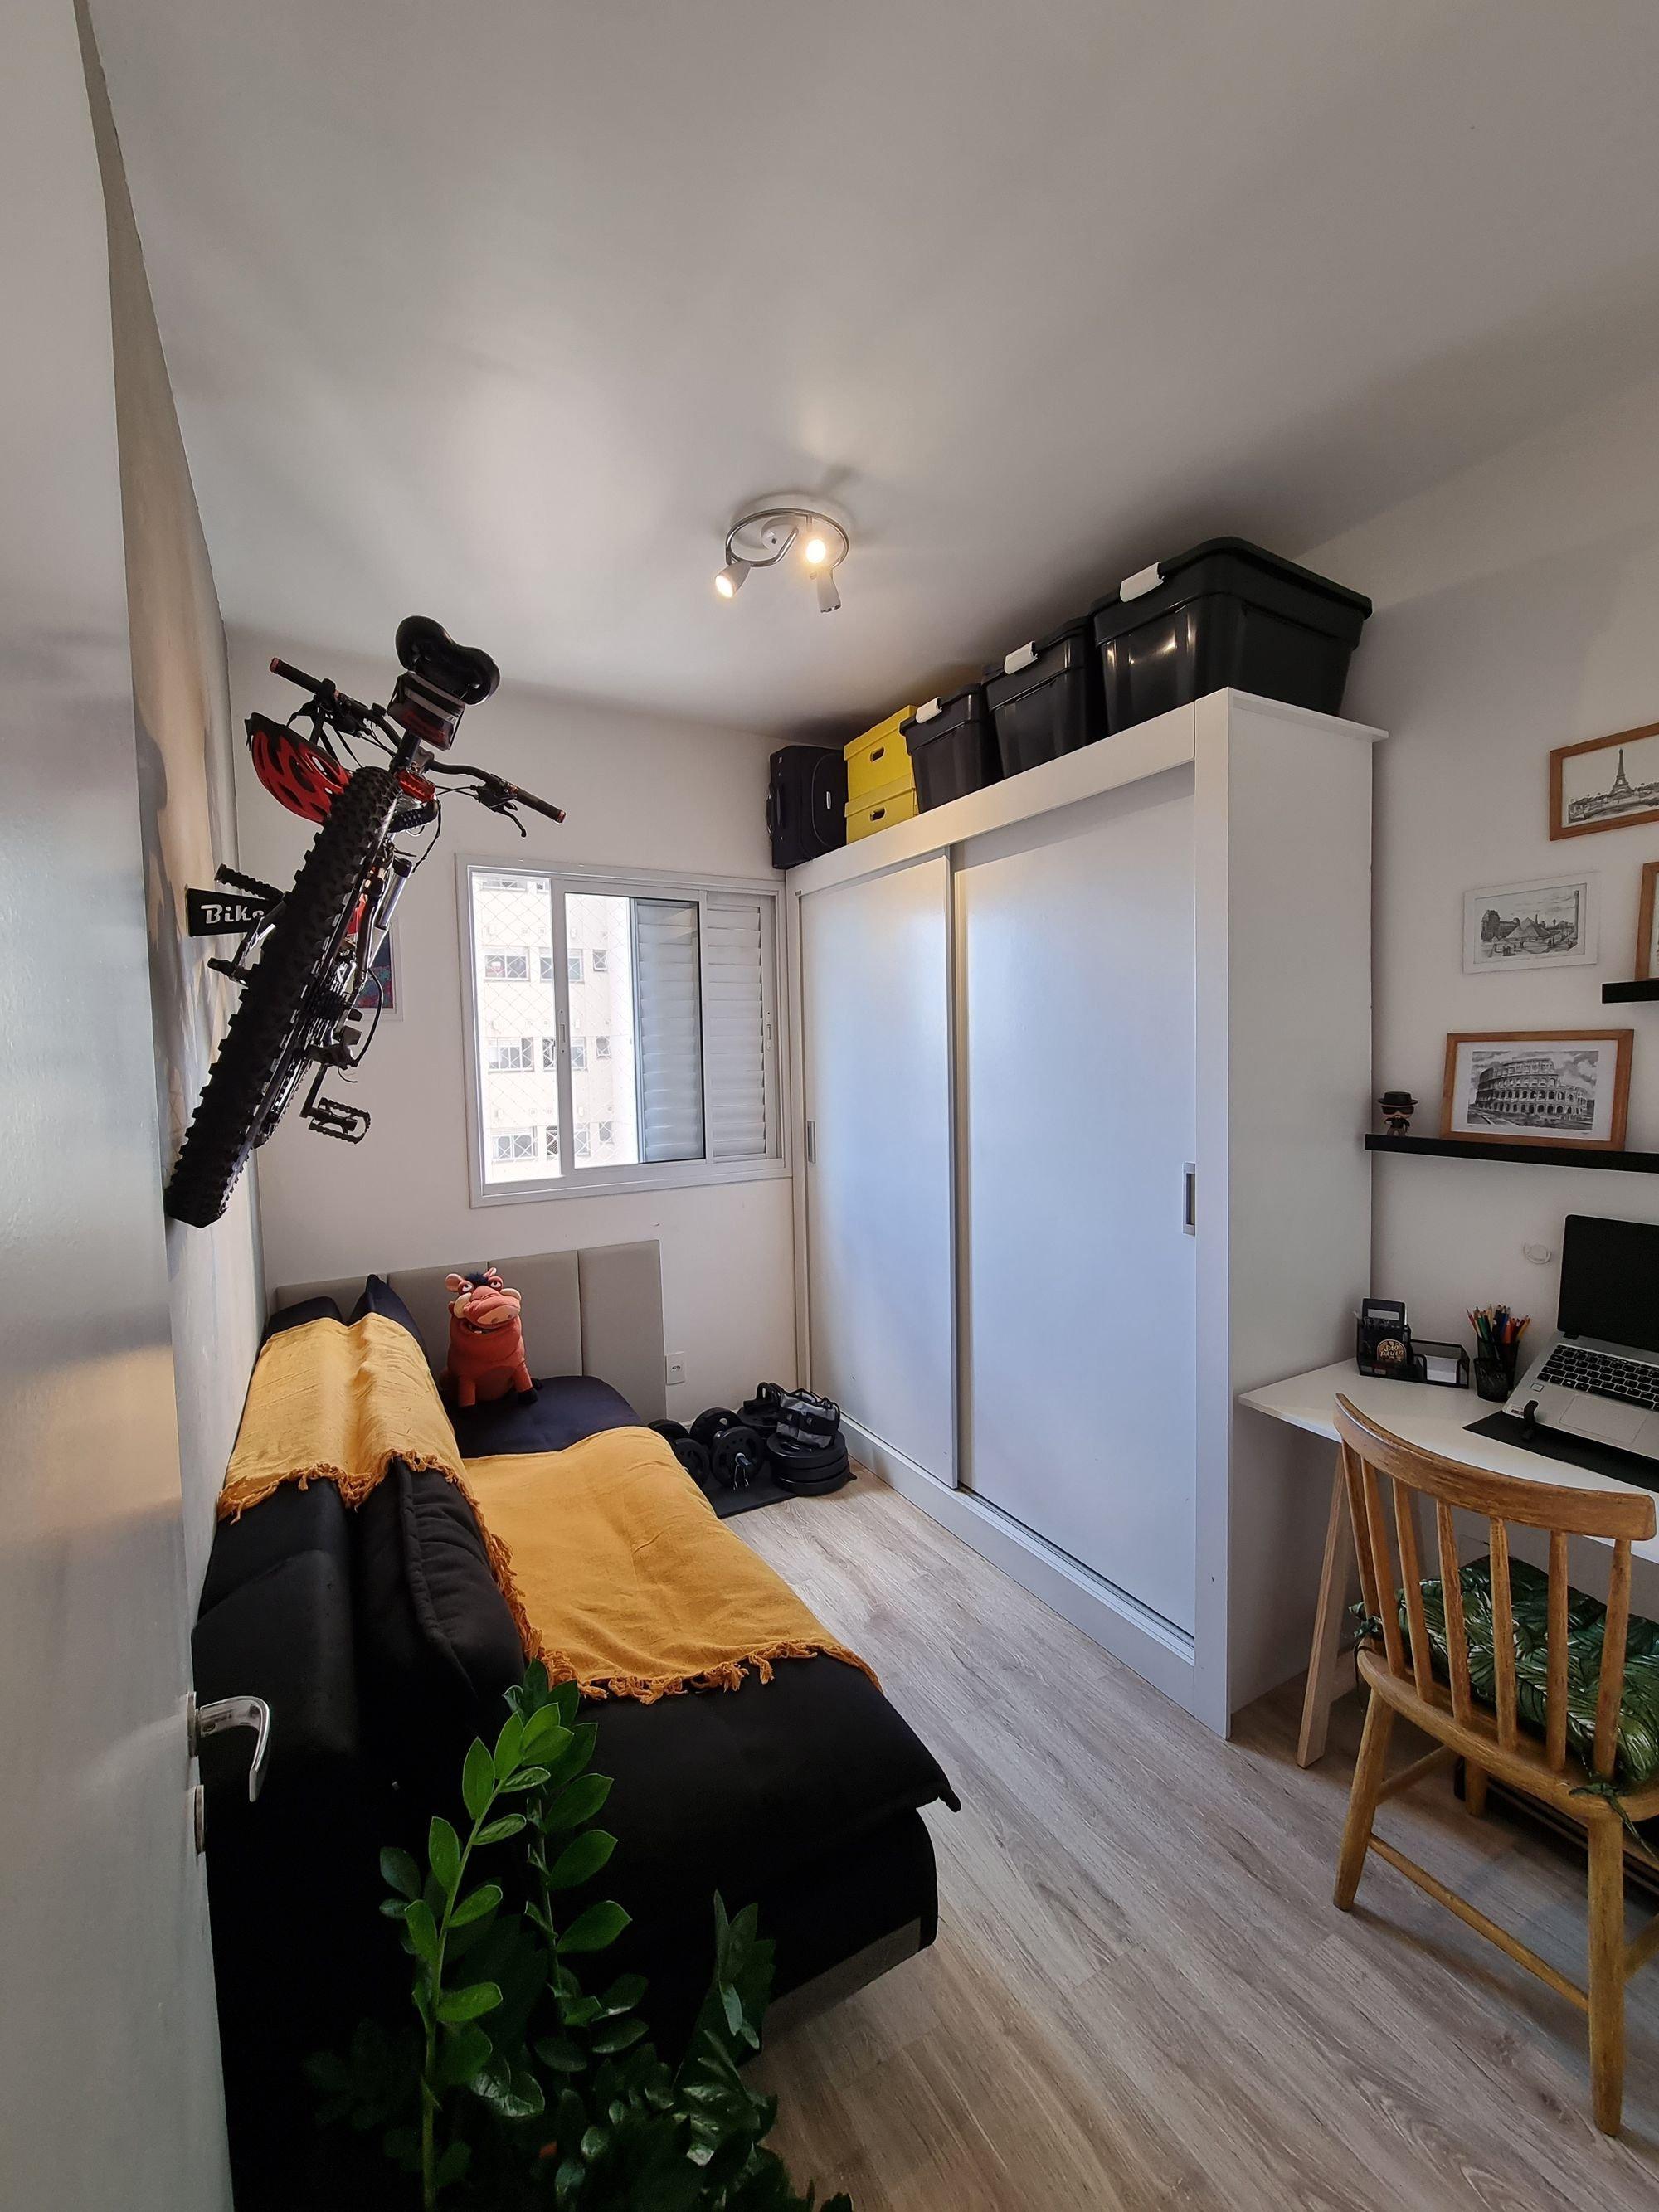 Foto de Quarto com cama, teclado, mala, computador portátil, cadeira